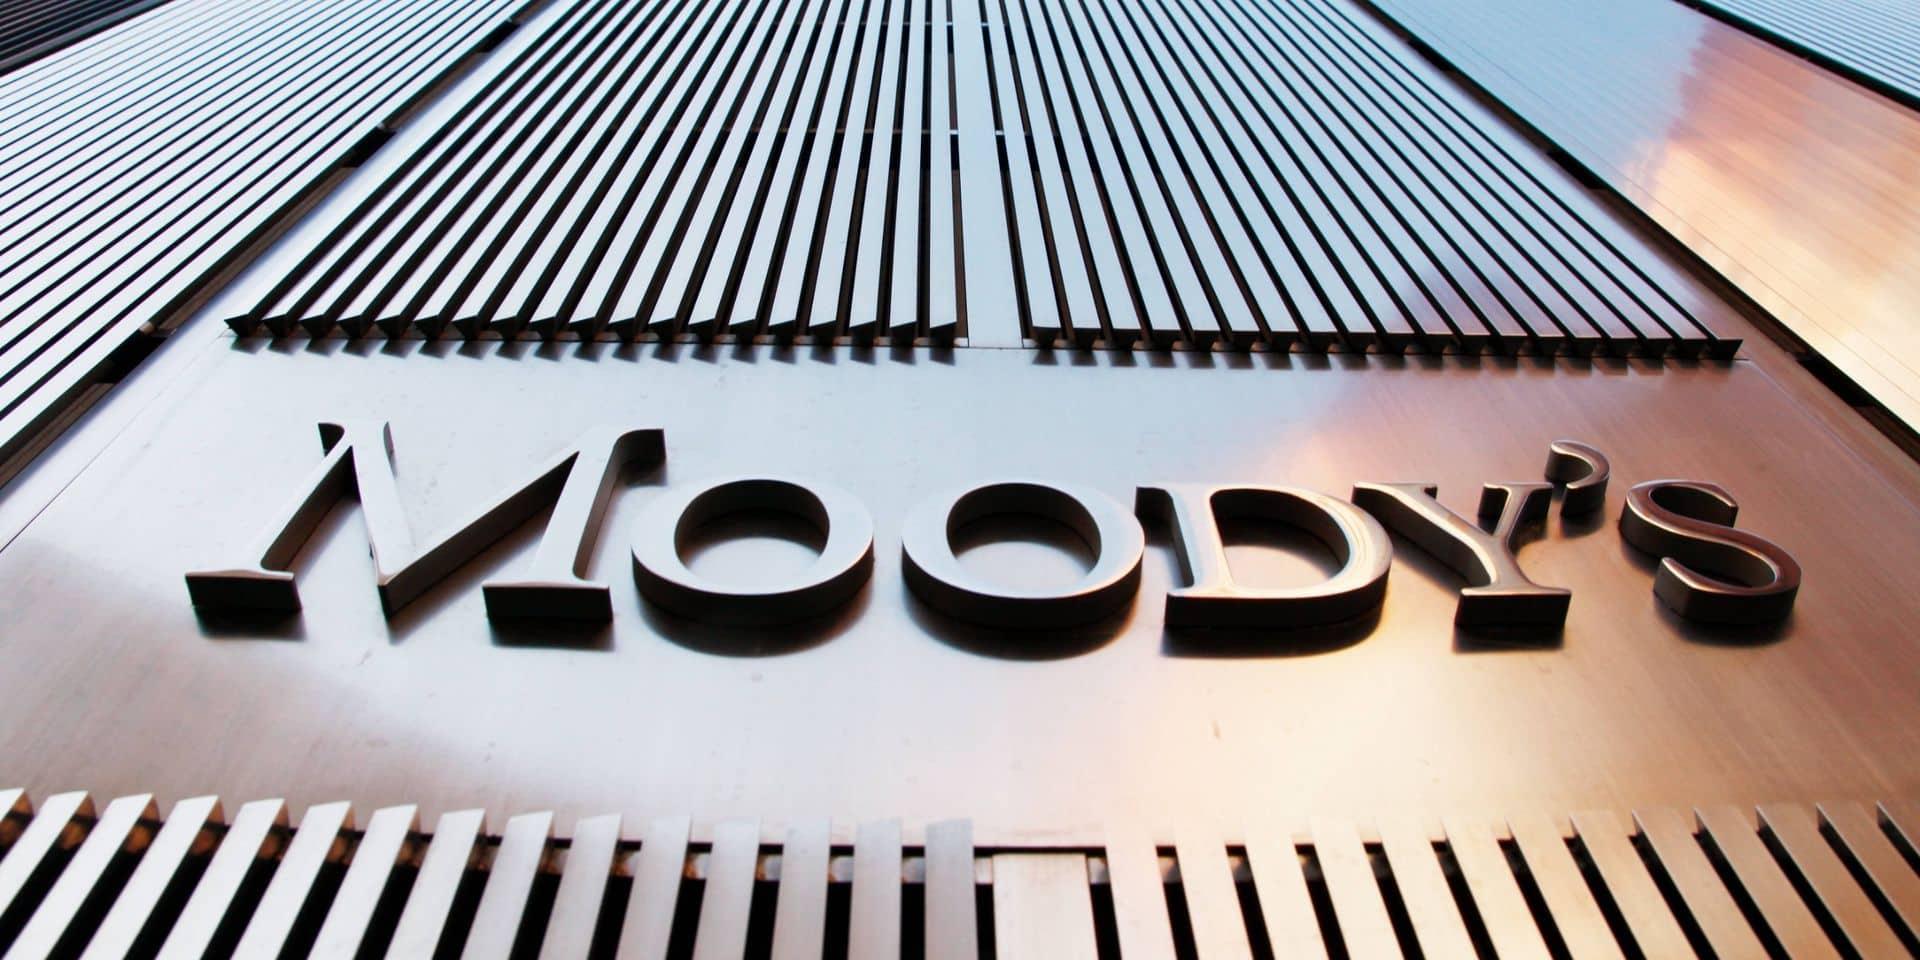 Moody's abaisse la note du Royaume-Uni, ne prévoit pas d'autre changement à moyen terme